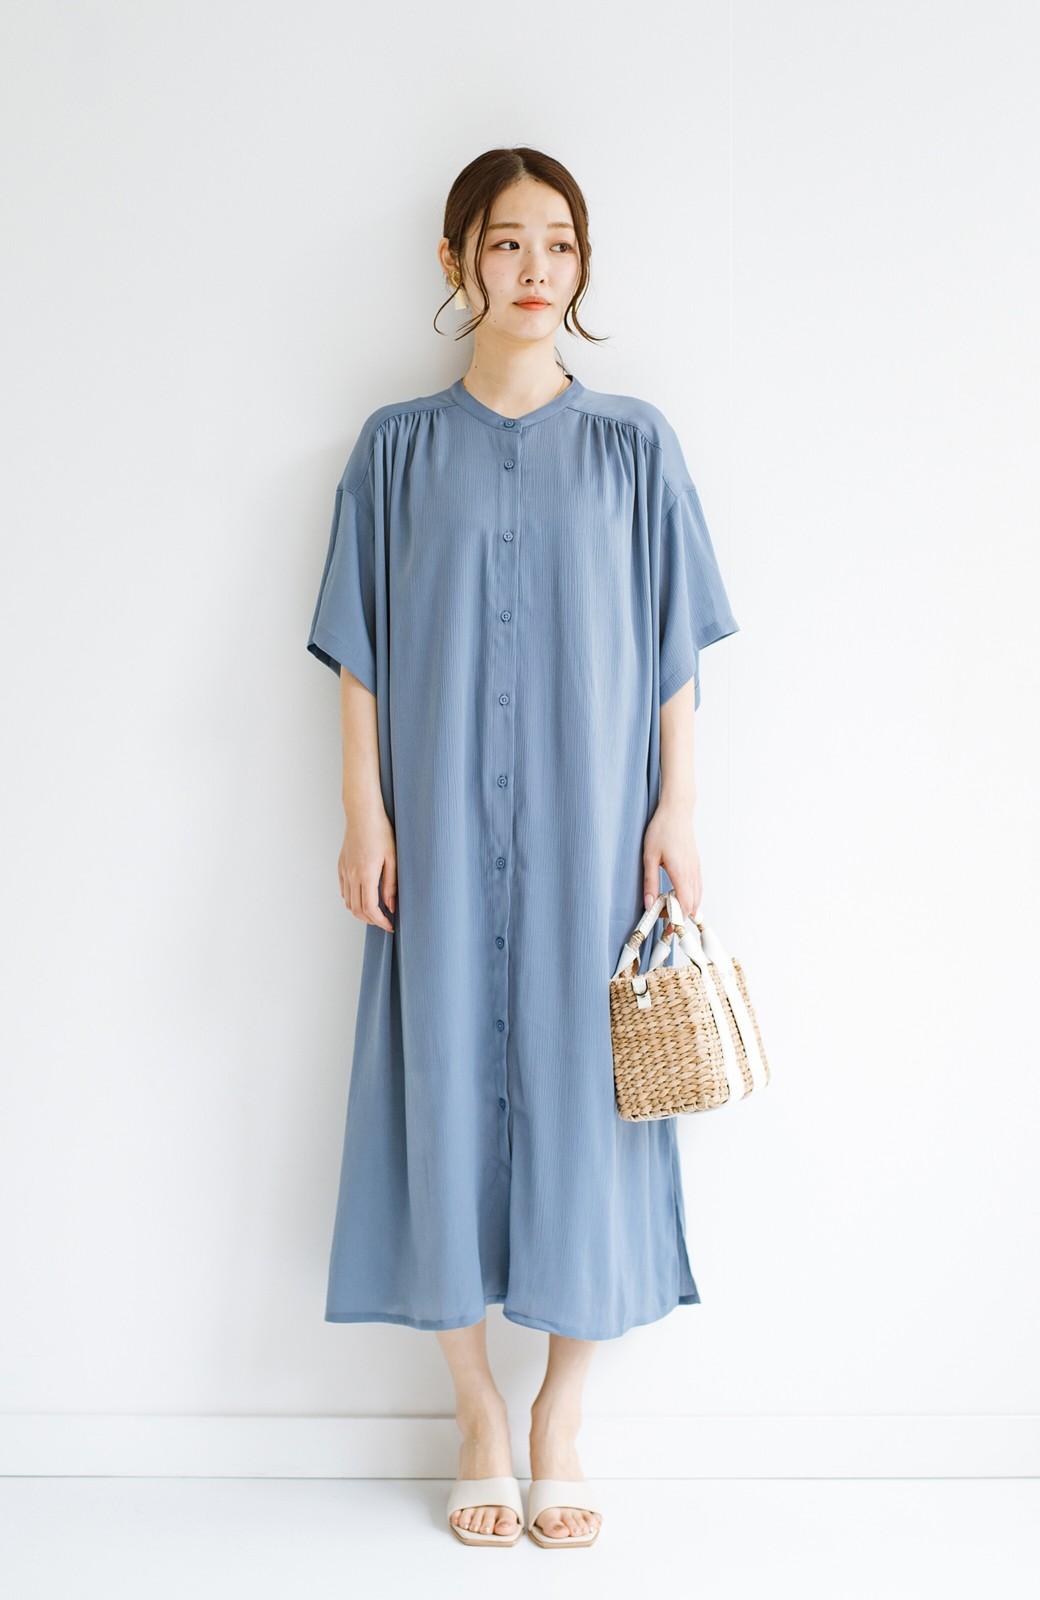 haco! 羽織としてもワンピースとしても着られちゃう 後ろ姿まで抜かりなくかわいいプリーツワンピース <ブルー>の商品写真15